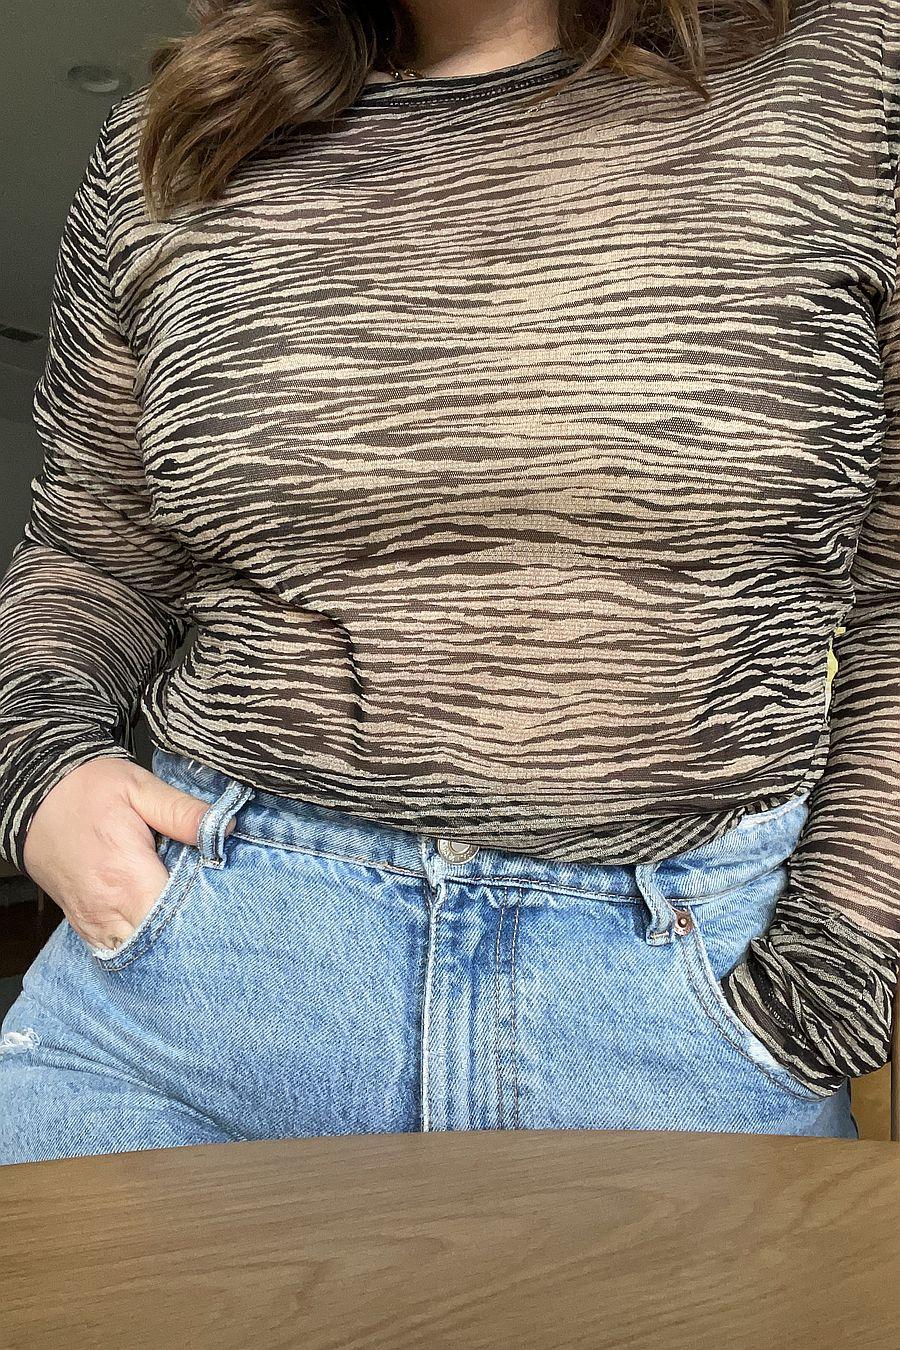 Wray NYC Long Sleeve Tee - Buttercream Zebra